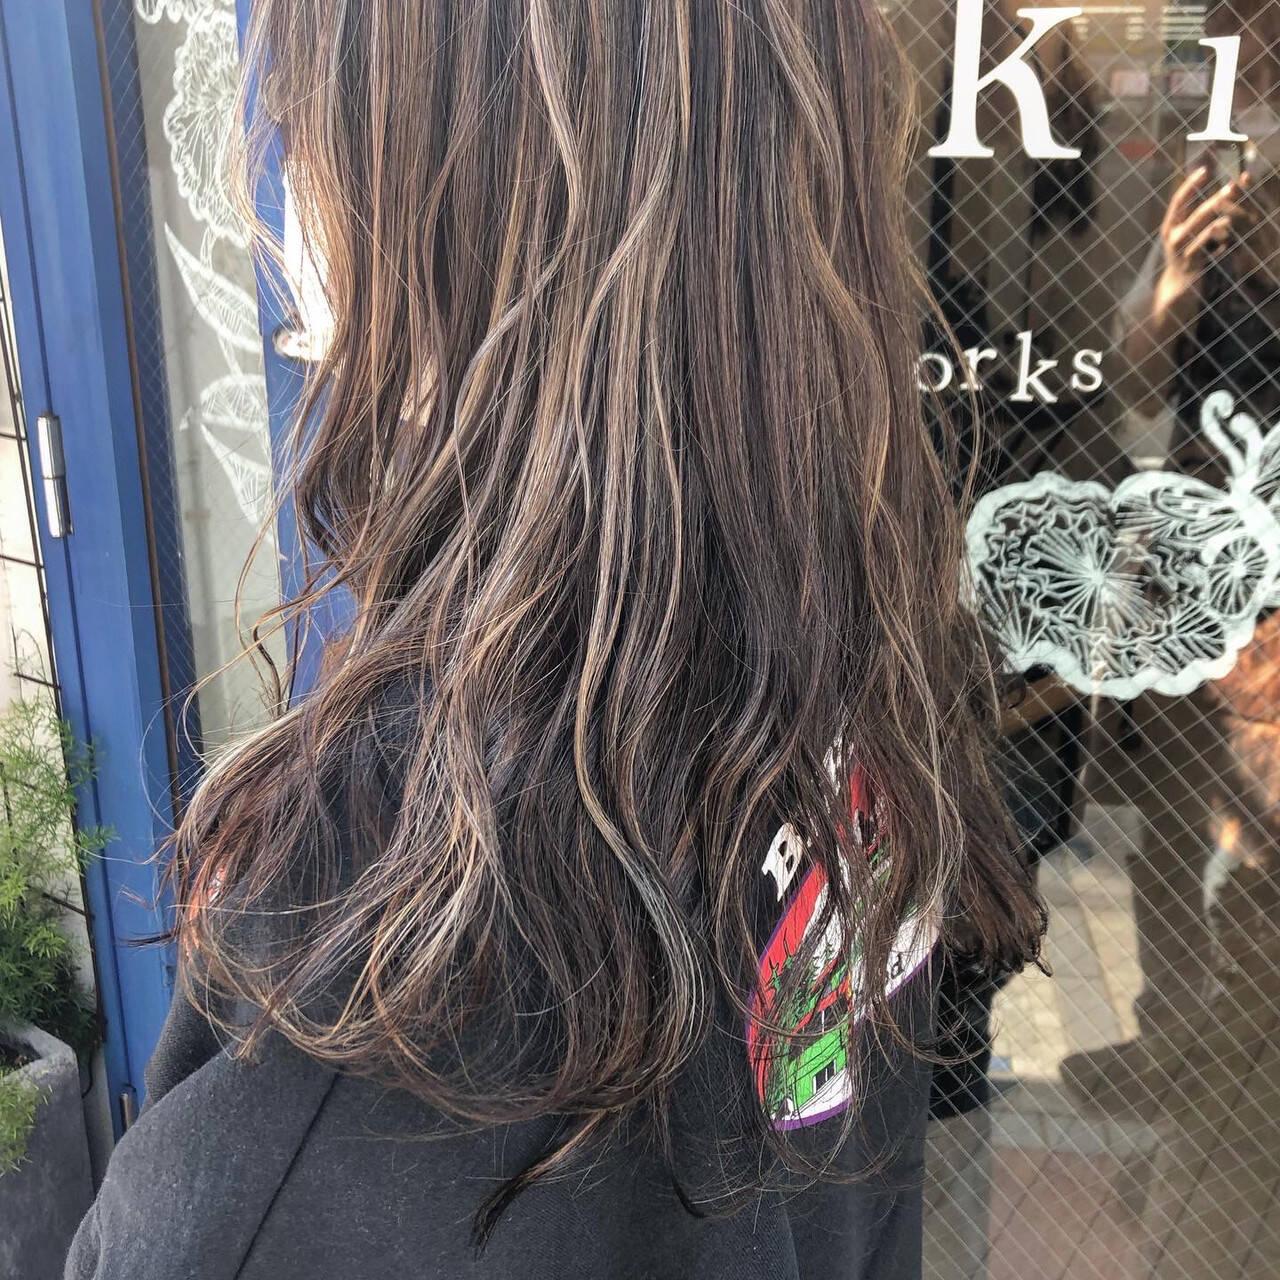 アッシュグレージュ デート ハイライト ロングヘアスタイルや髪型の写真・画像